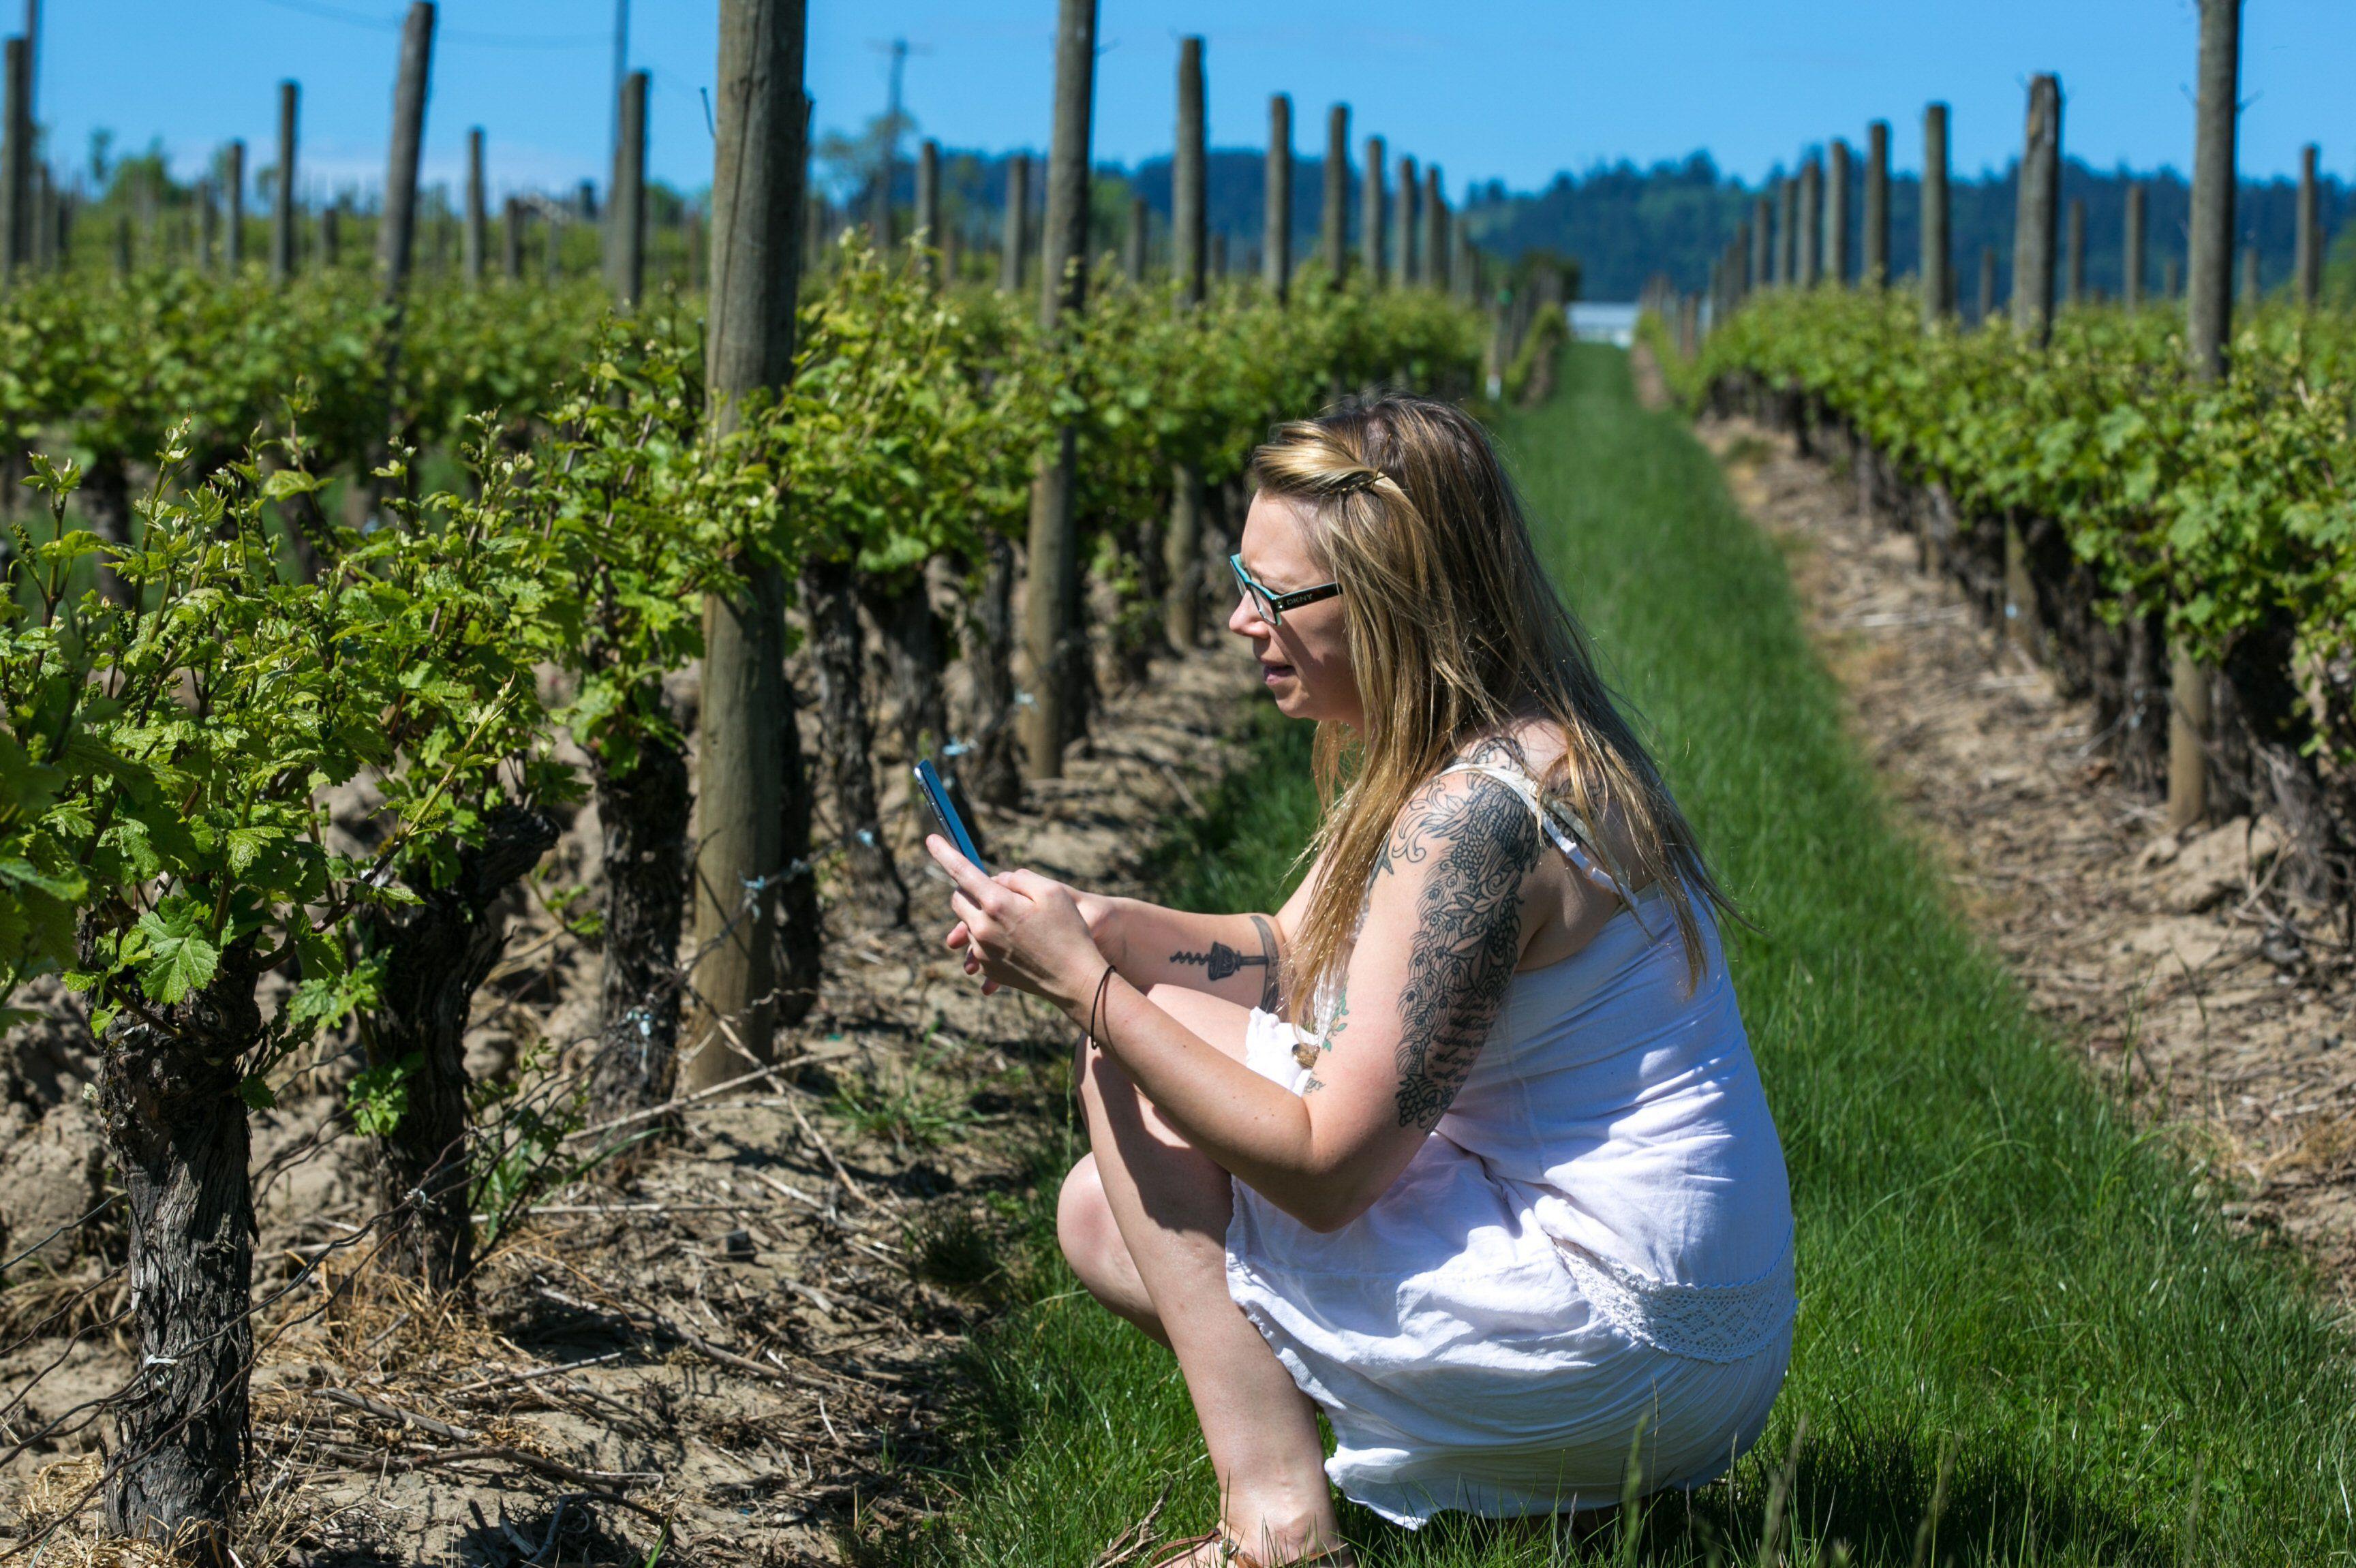 A woman photographs a grape vine at Adelsheim Vineyard